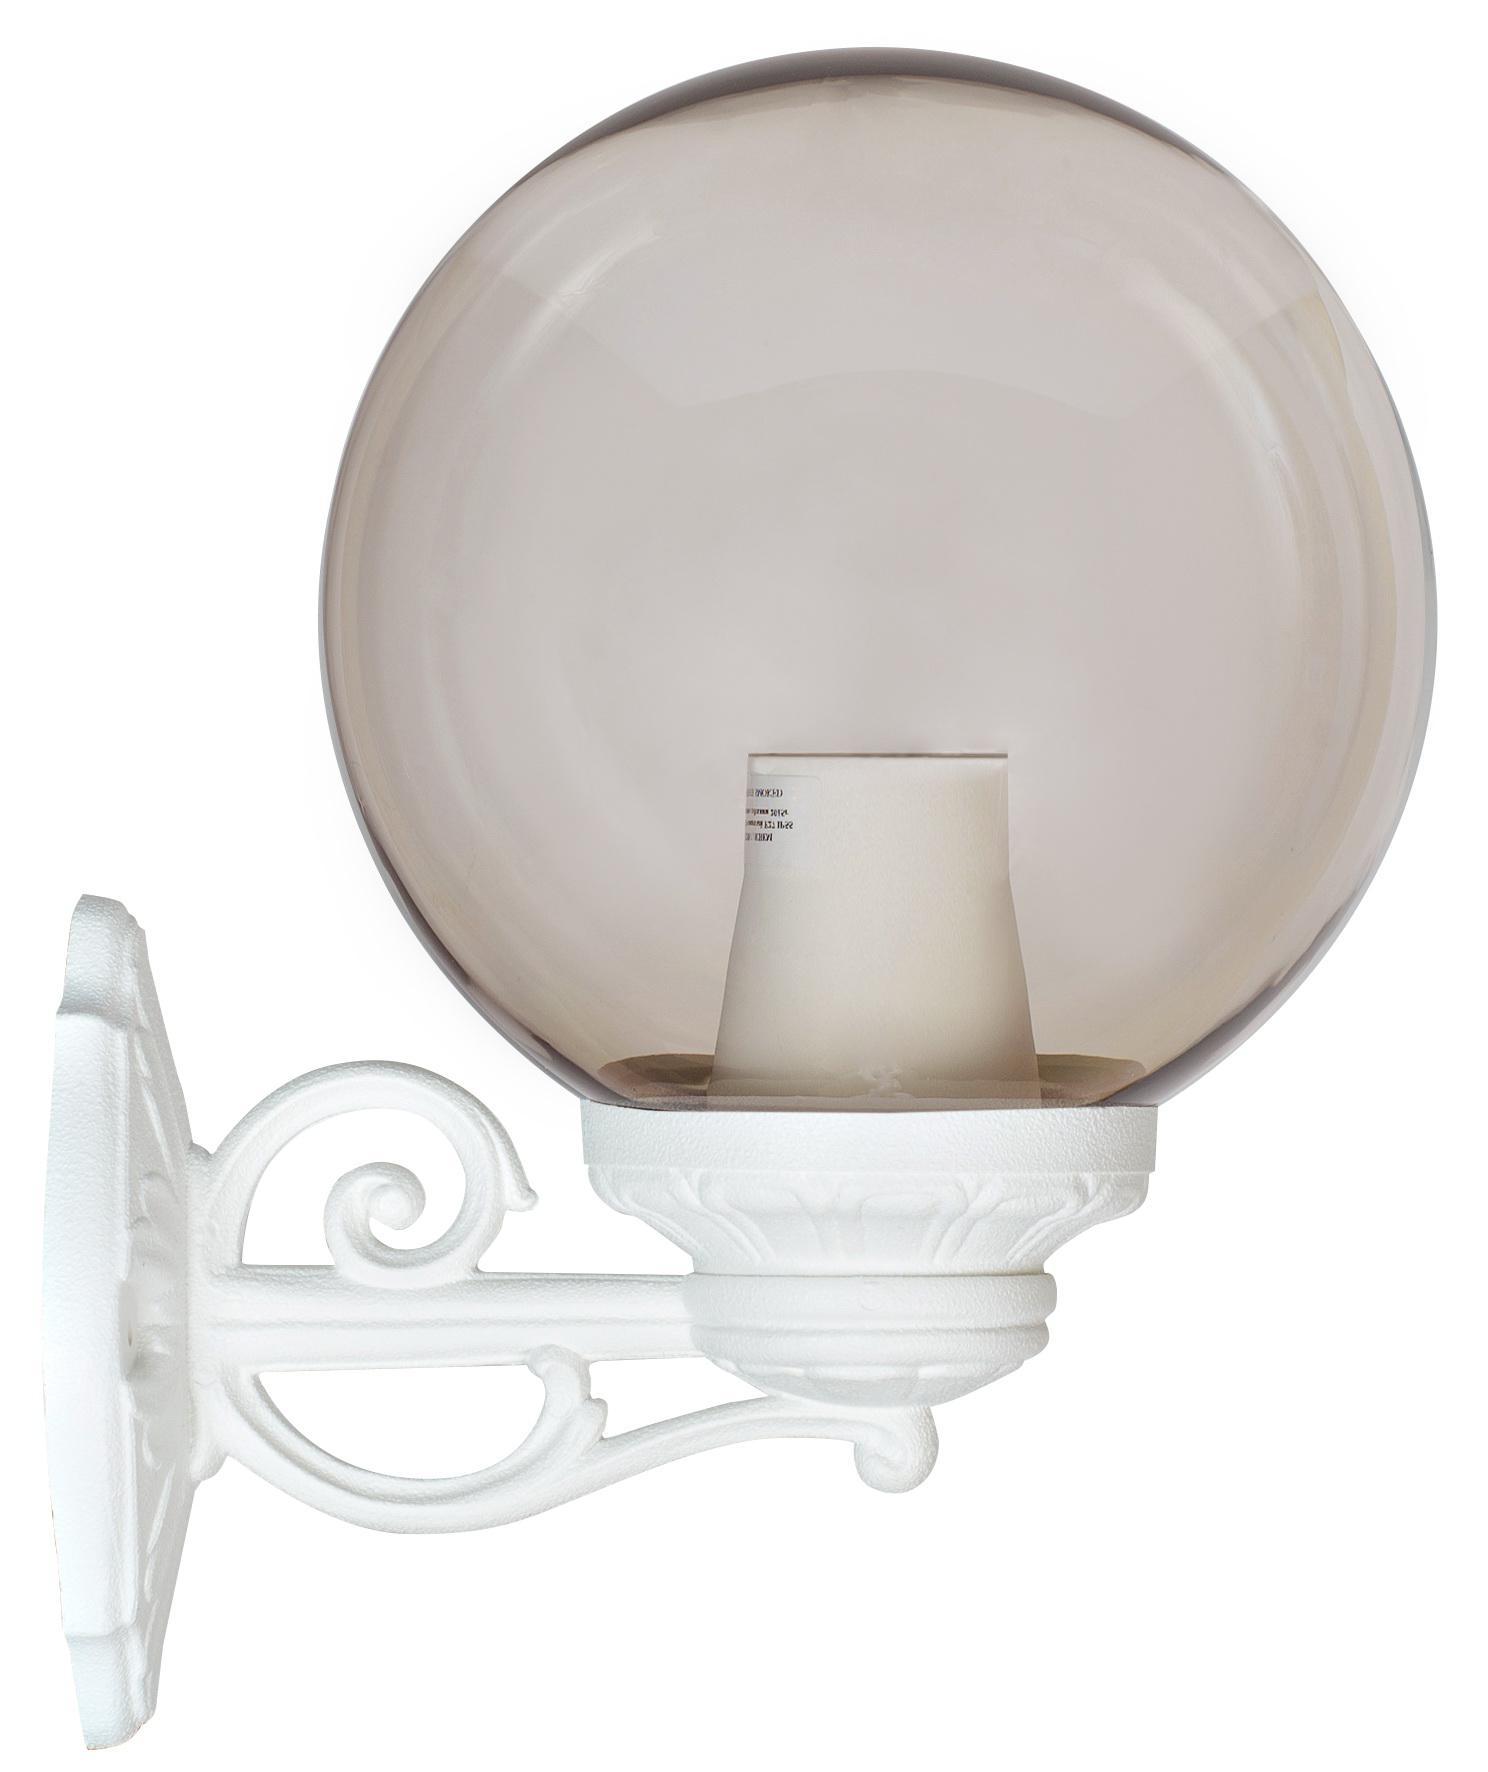 Светильник Fumagalli G250 bisso ws, уличный, производство: Италия, белый дымчатый